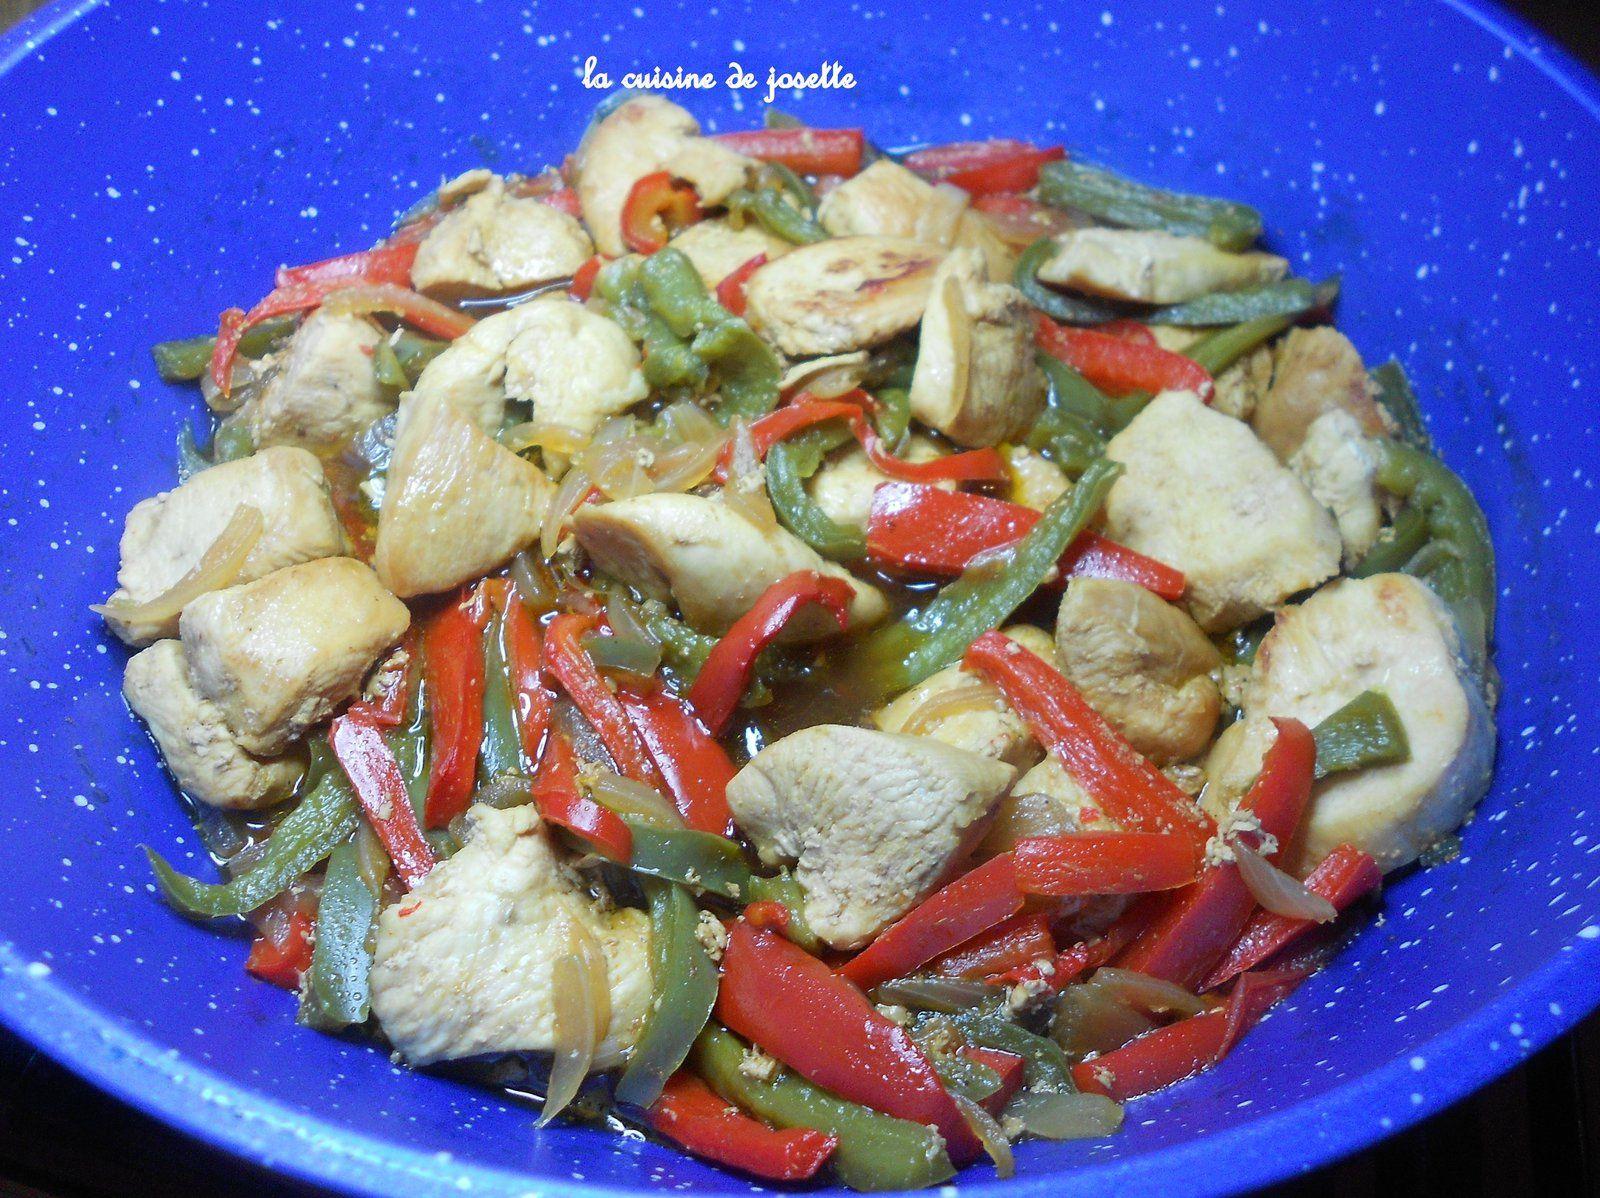 nouilles chinoise sautées au poulet